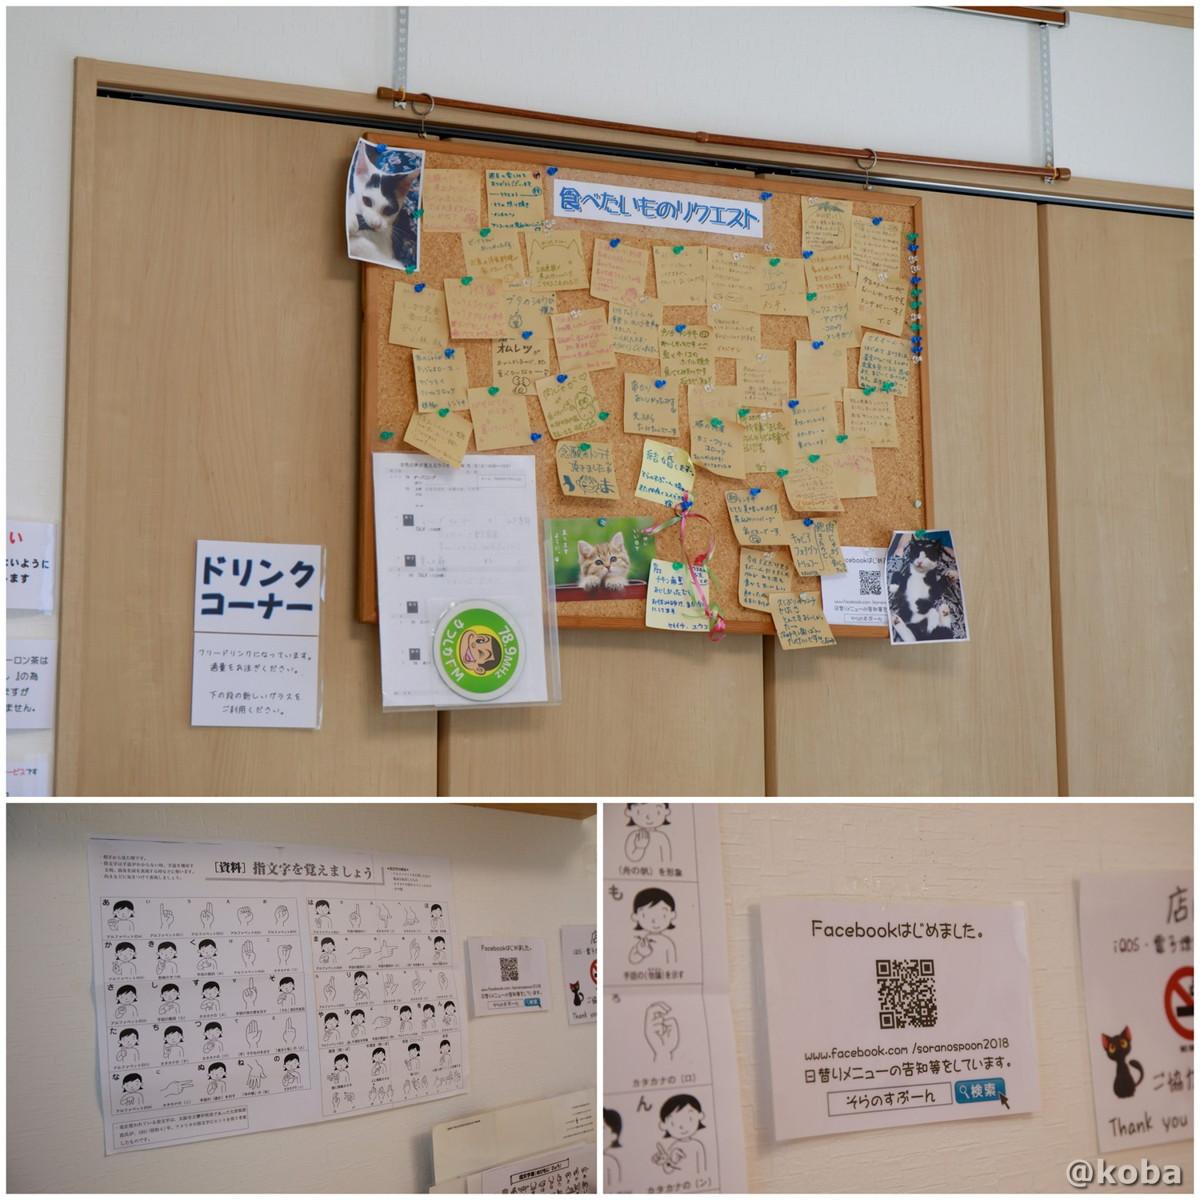 内観 食べたいものリクエストの写真 そらのすぷーん 定食屋 東京都葛飾区・奥戸